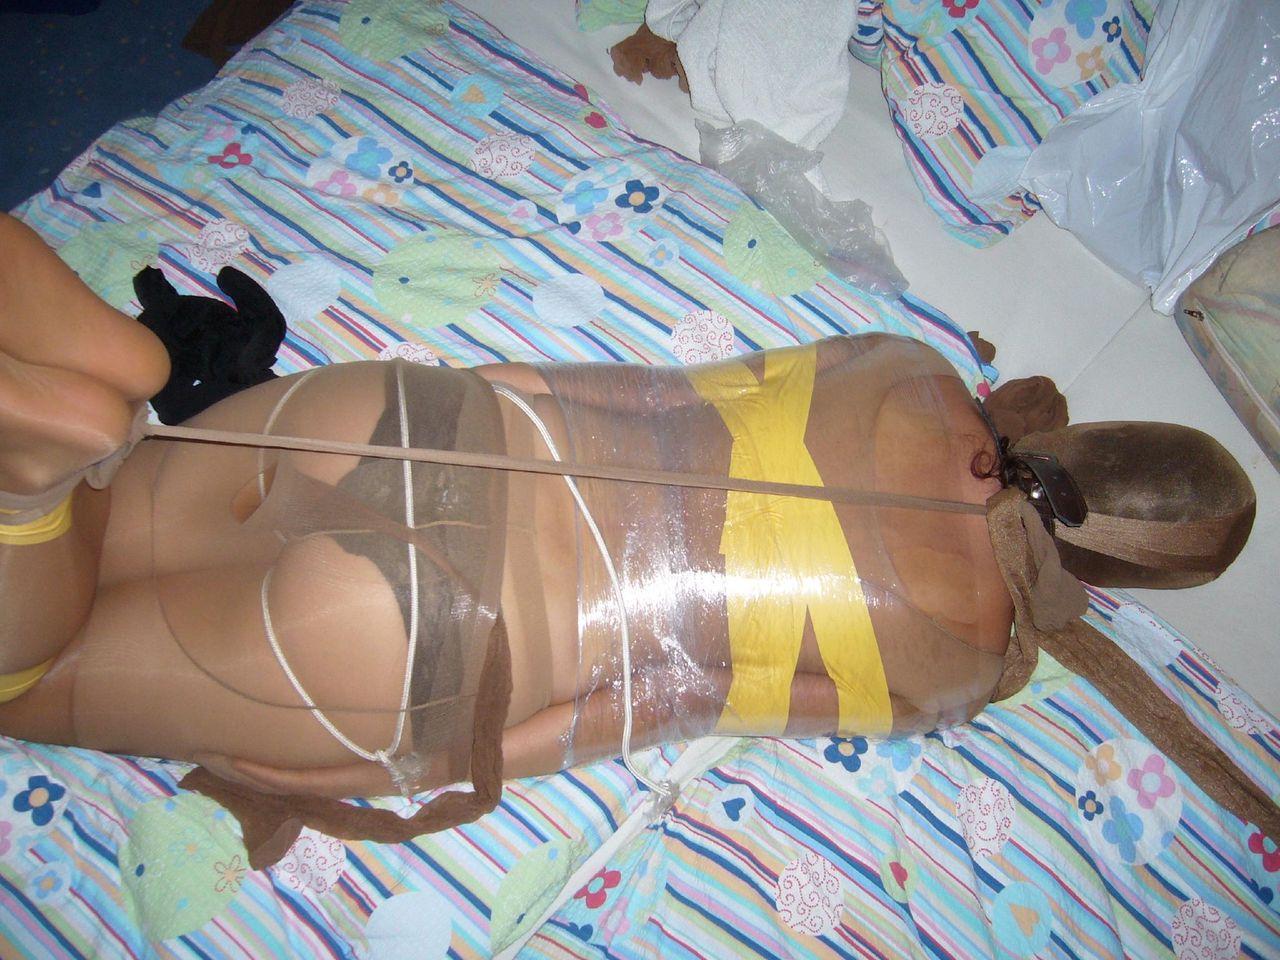 【画像】女をグルグル巻にテープ緊縛するヤバいSMエロ画像 446